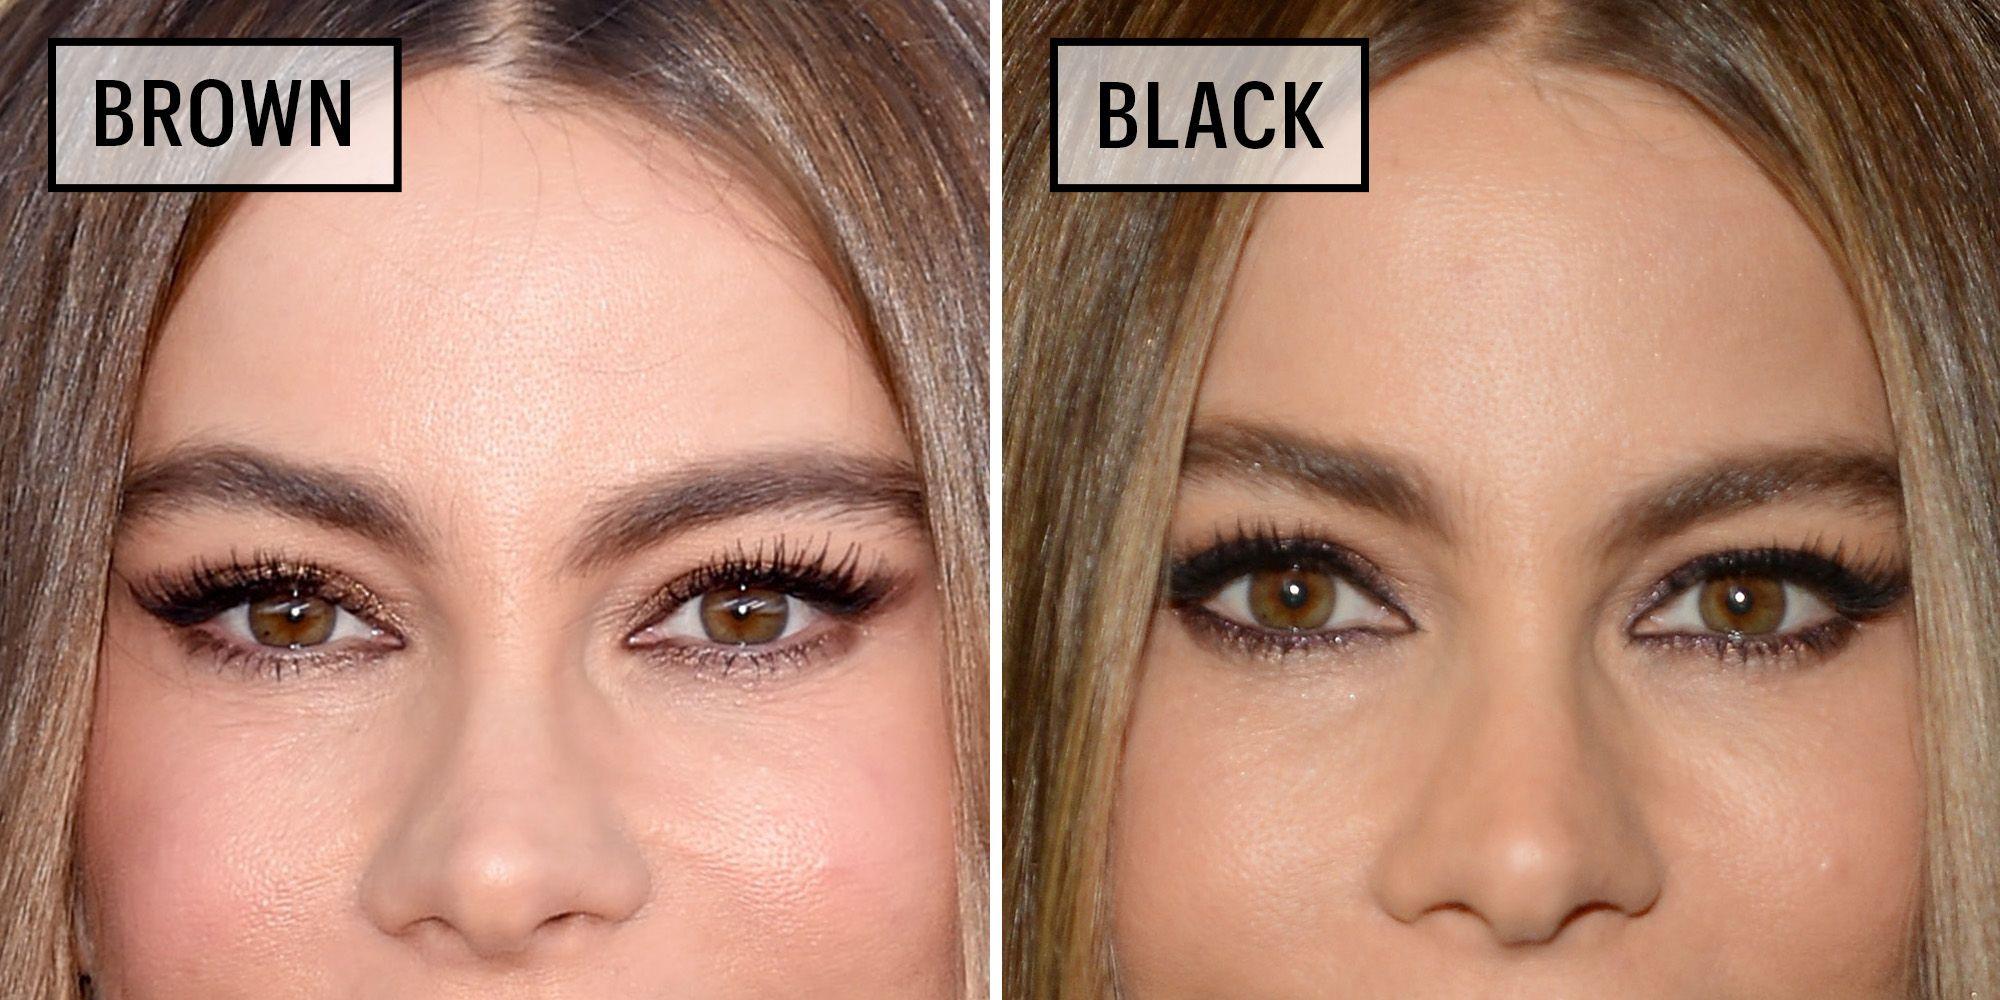 Brown Eyeliner Vs Black Eyeliner Asian